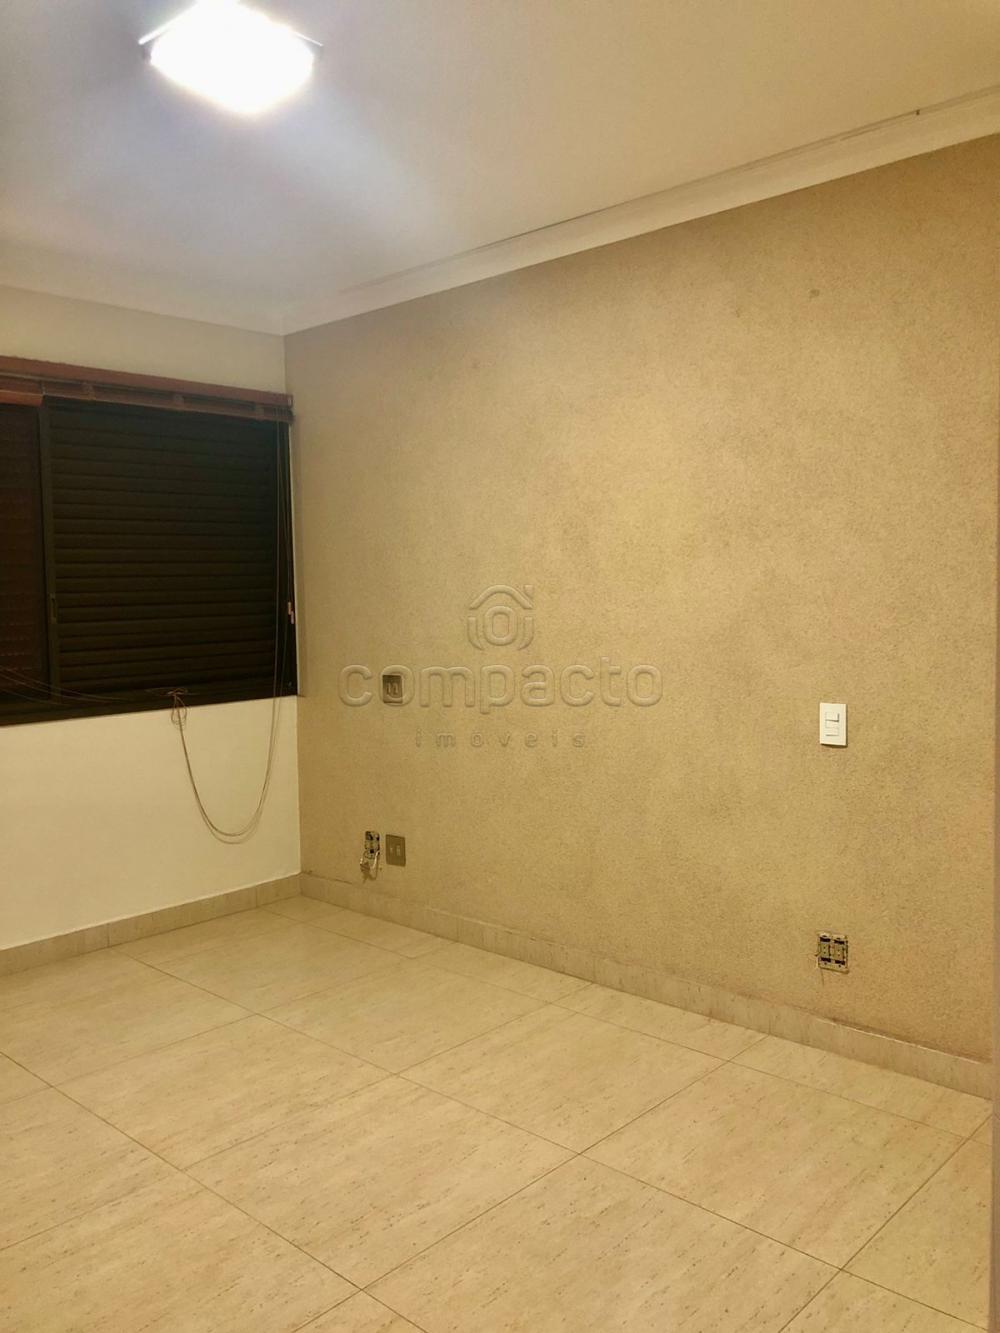 Alugar Apartamento / Padrão em São José do Rio Preto R$ 2.500,00 - Foto 9